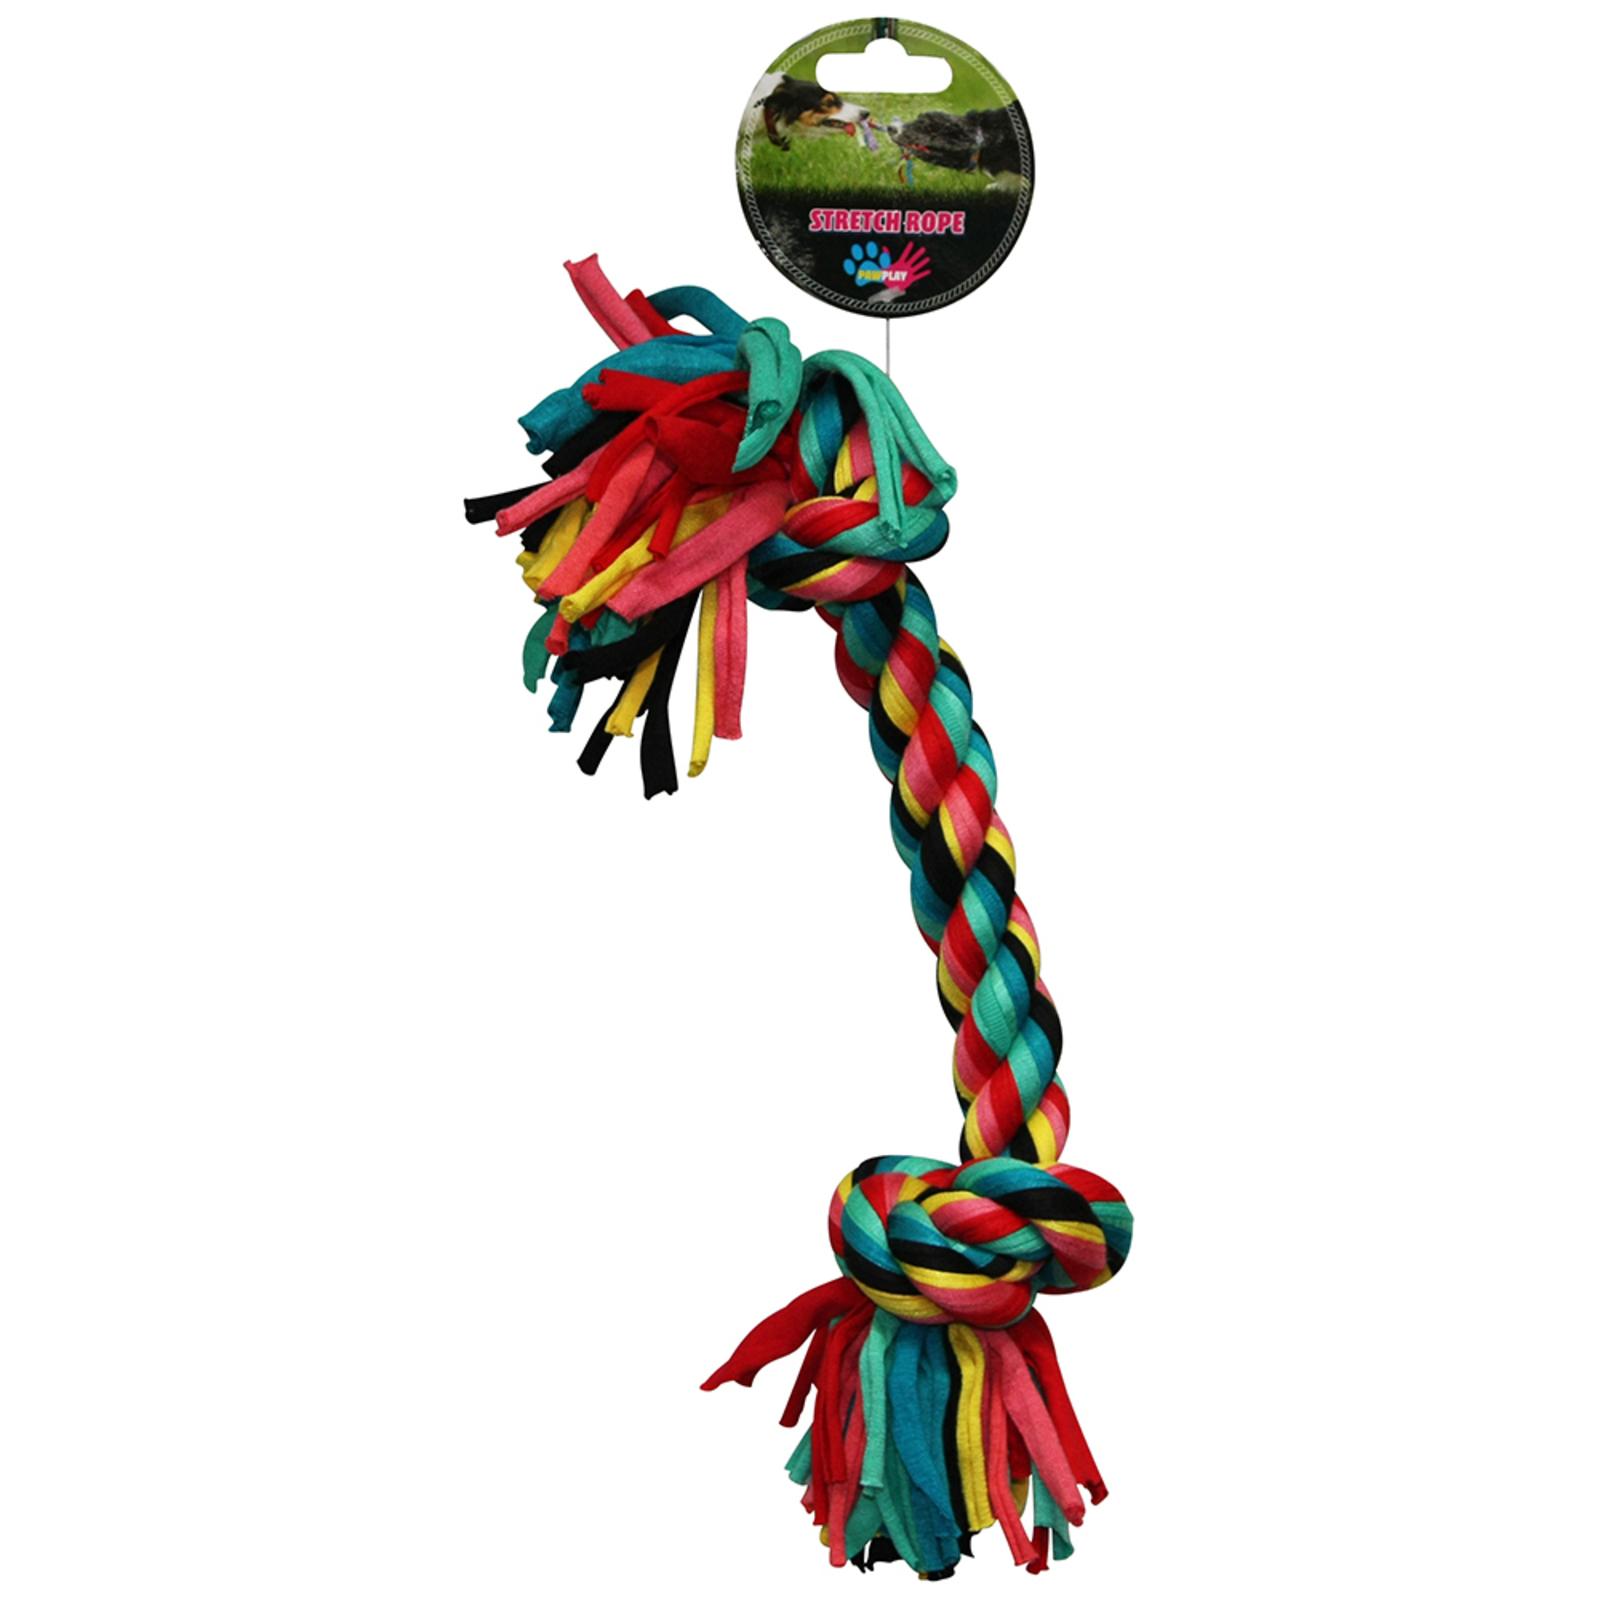 Paw Play 36cm Stretch Bone Rope Cotton Knots/Braided Teeth Clean Tug War Dog Toy